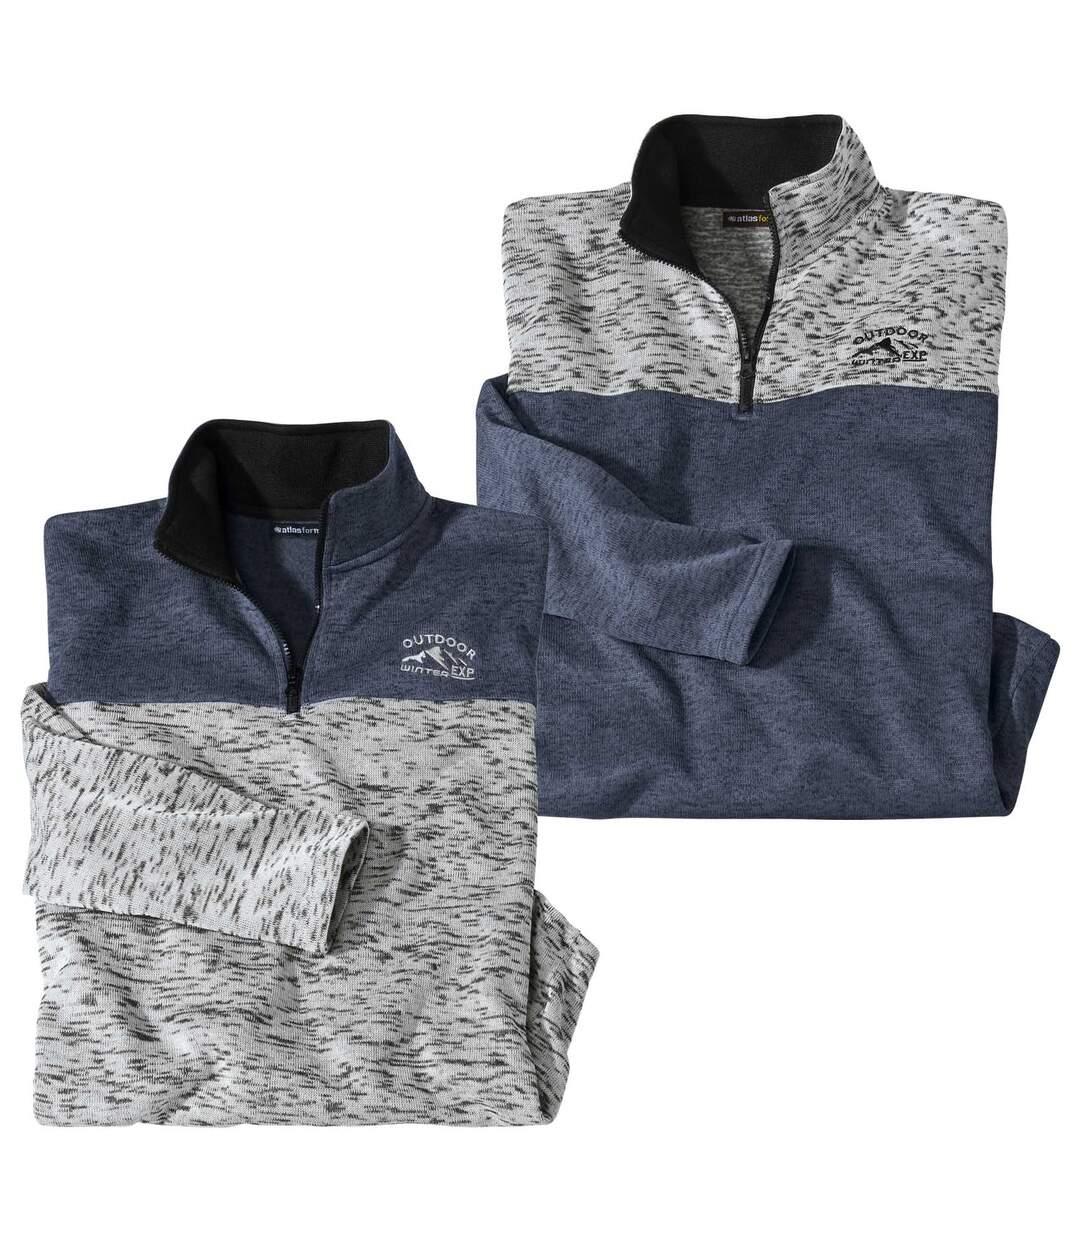 Pack of 2 Men's Half Zip Brushed Fleece Jumpers - Grey Blue Atlas For Men